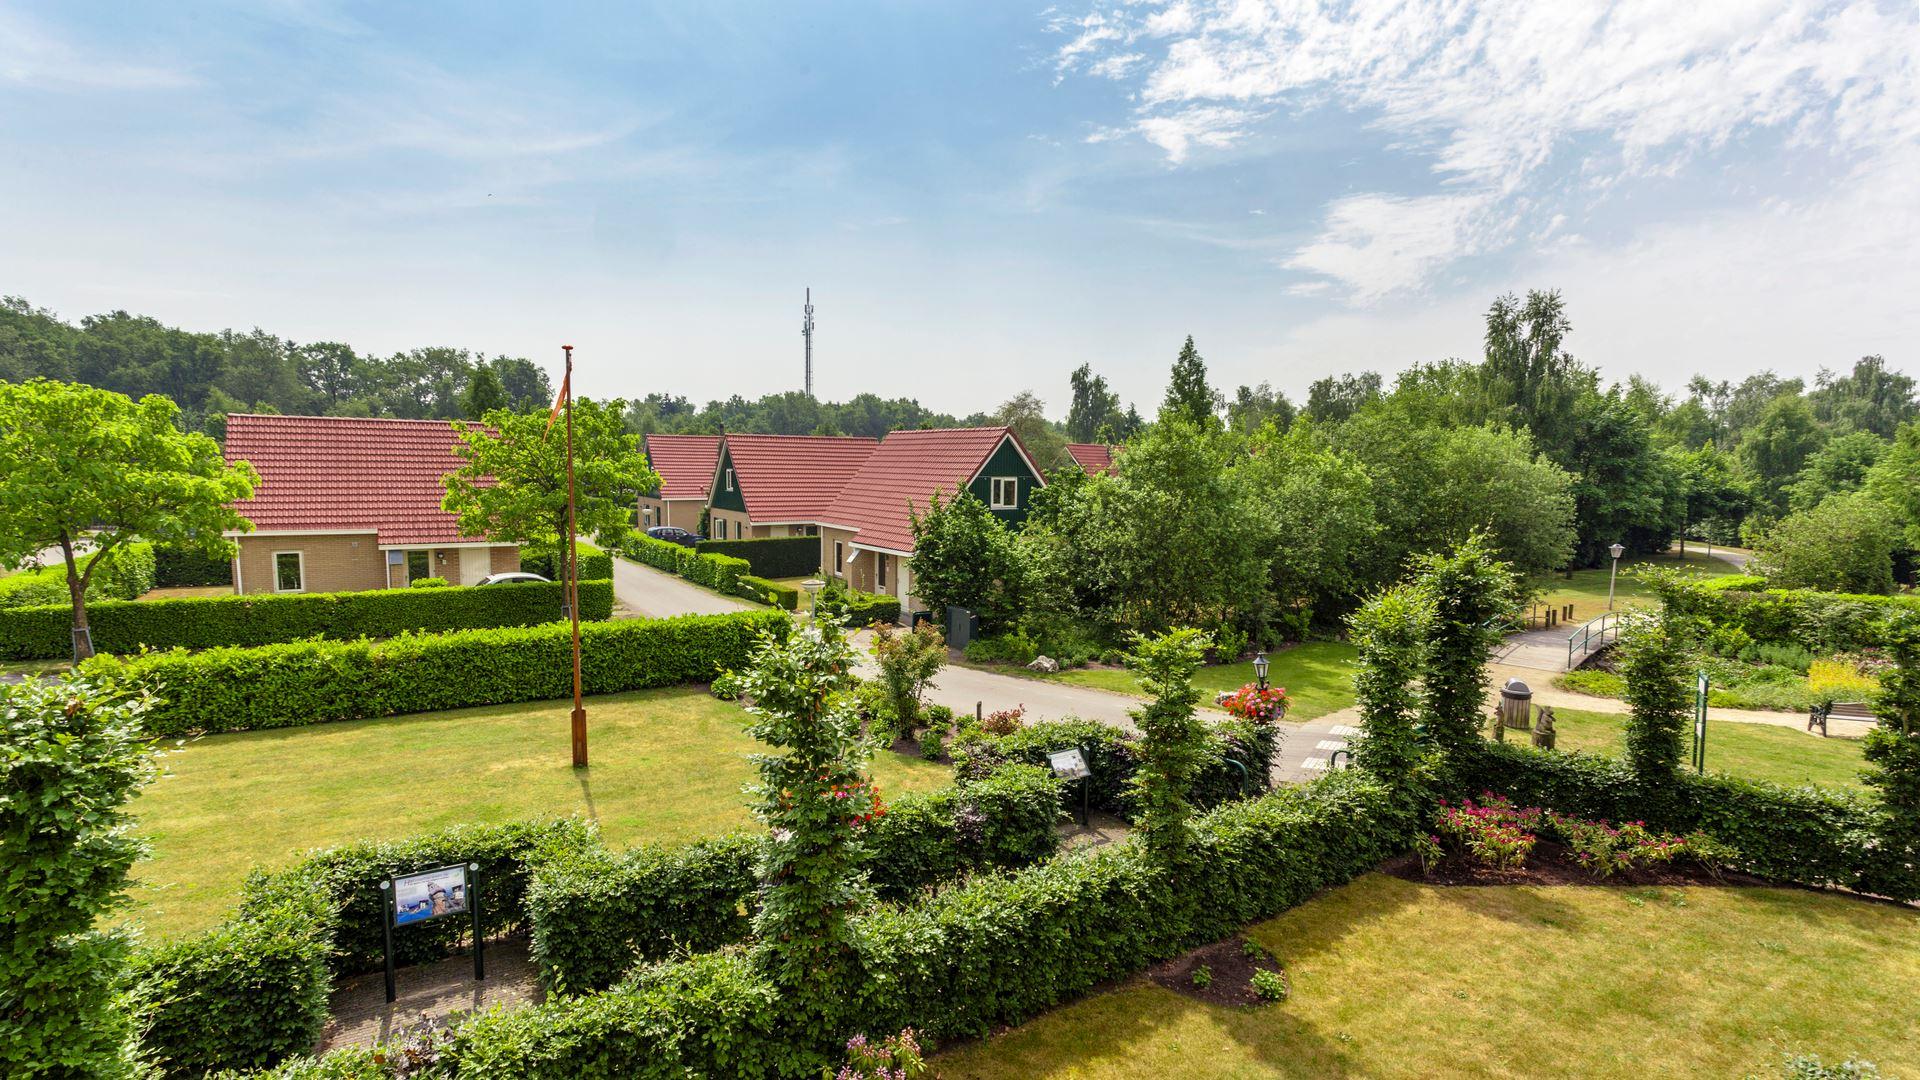 Duc de Brabant, natuur, vakantiehuisjes